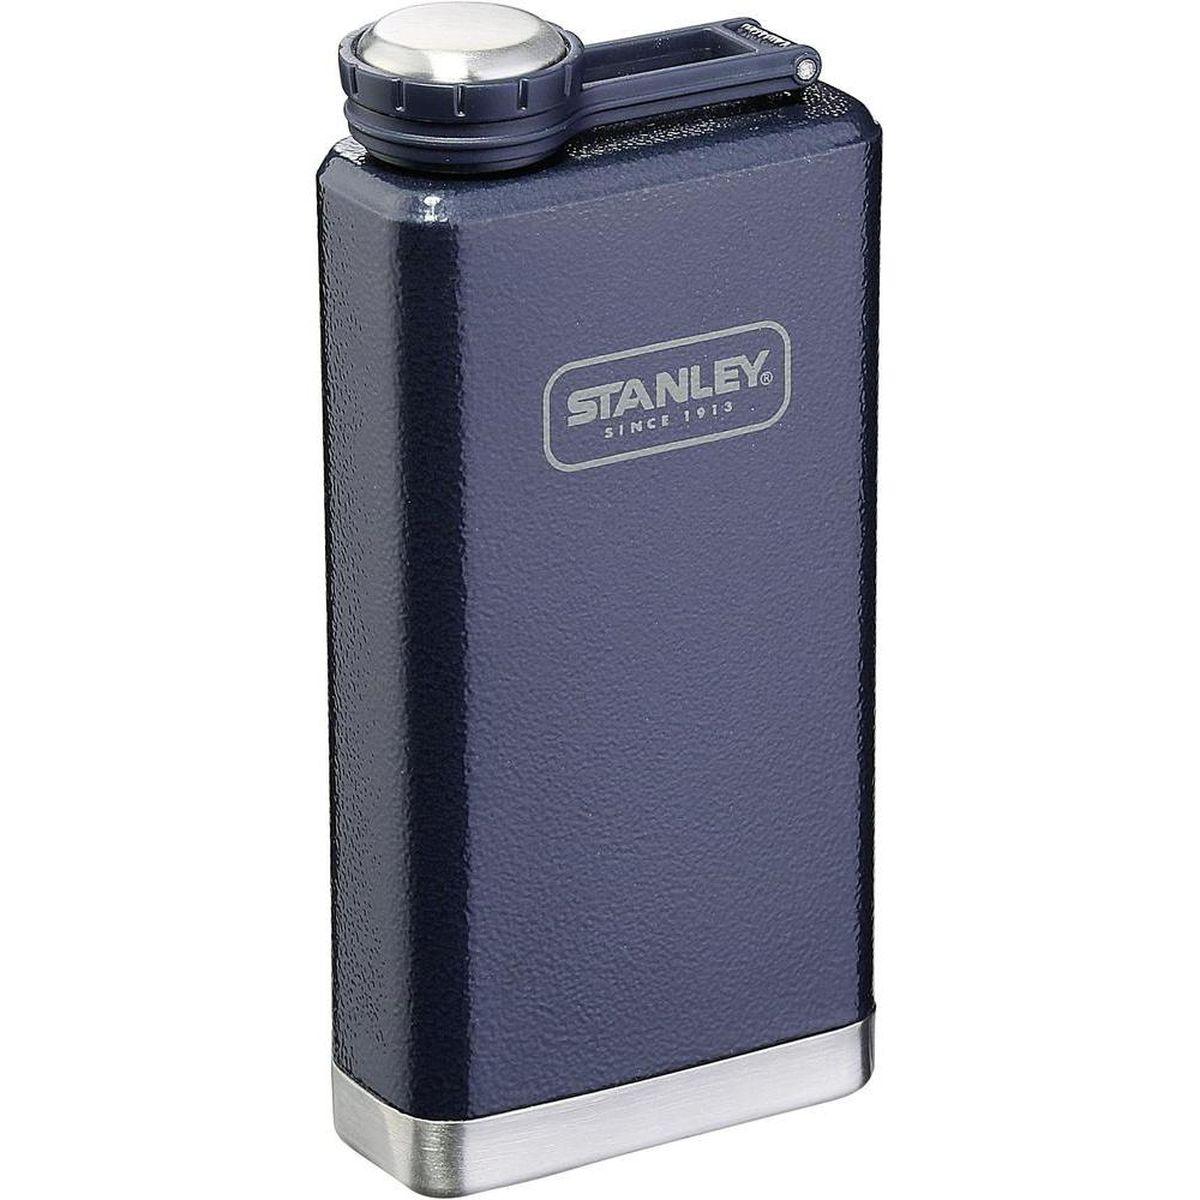 Фляга STANLEY Adventure, цвет: темно-синий, 0,23 л67742Фляжка карманная. Объем - 0,23 л.Корпус из нержавеющей стали. Наружное покрытие - абразивостойкая эмаль.Цвет - темно-синий.Фляжка герметична.Гарантия - пожизненная.